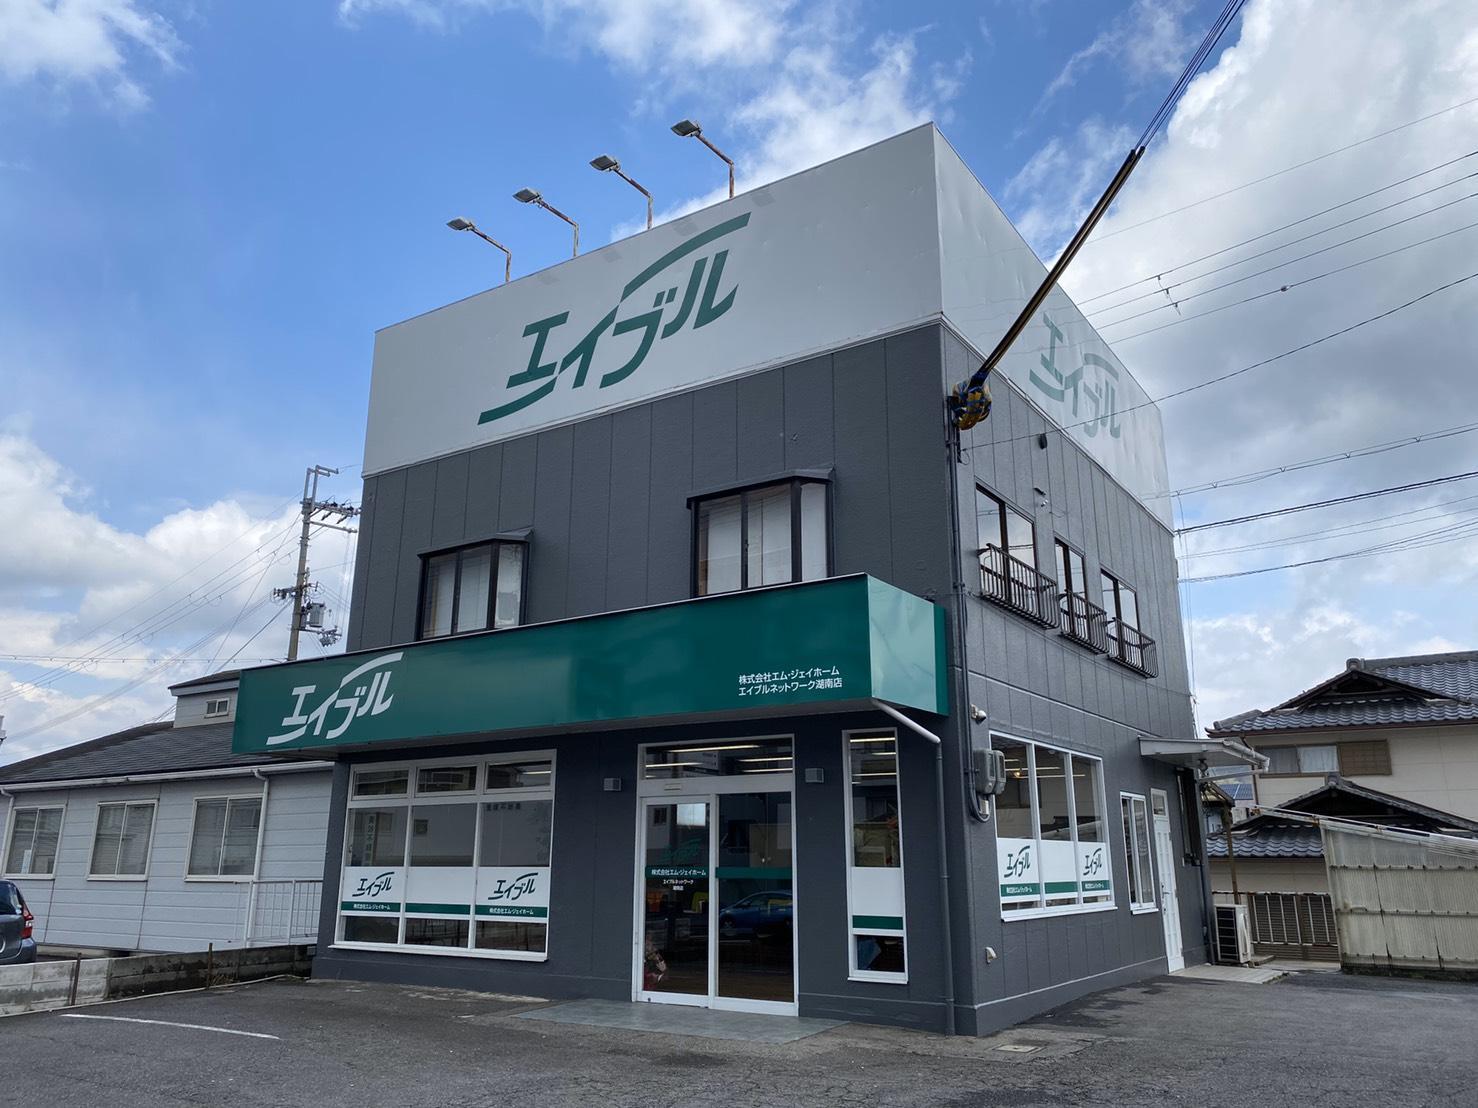 エム・ジェイホーム、湖南市に新店舗オープン